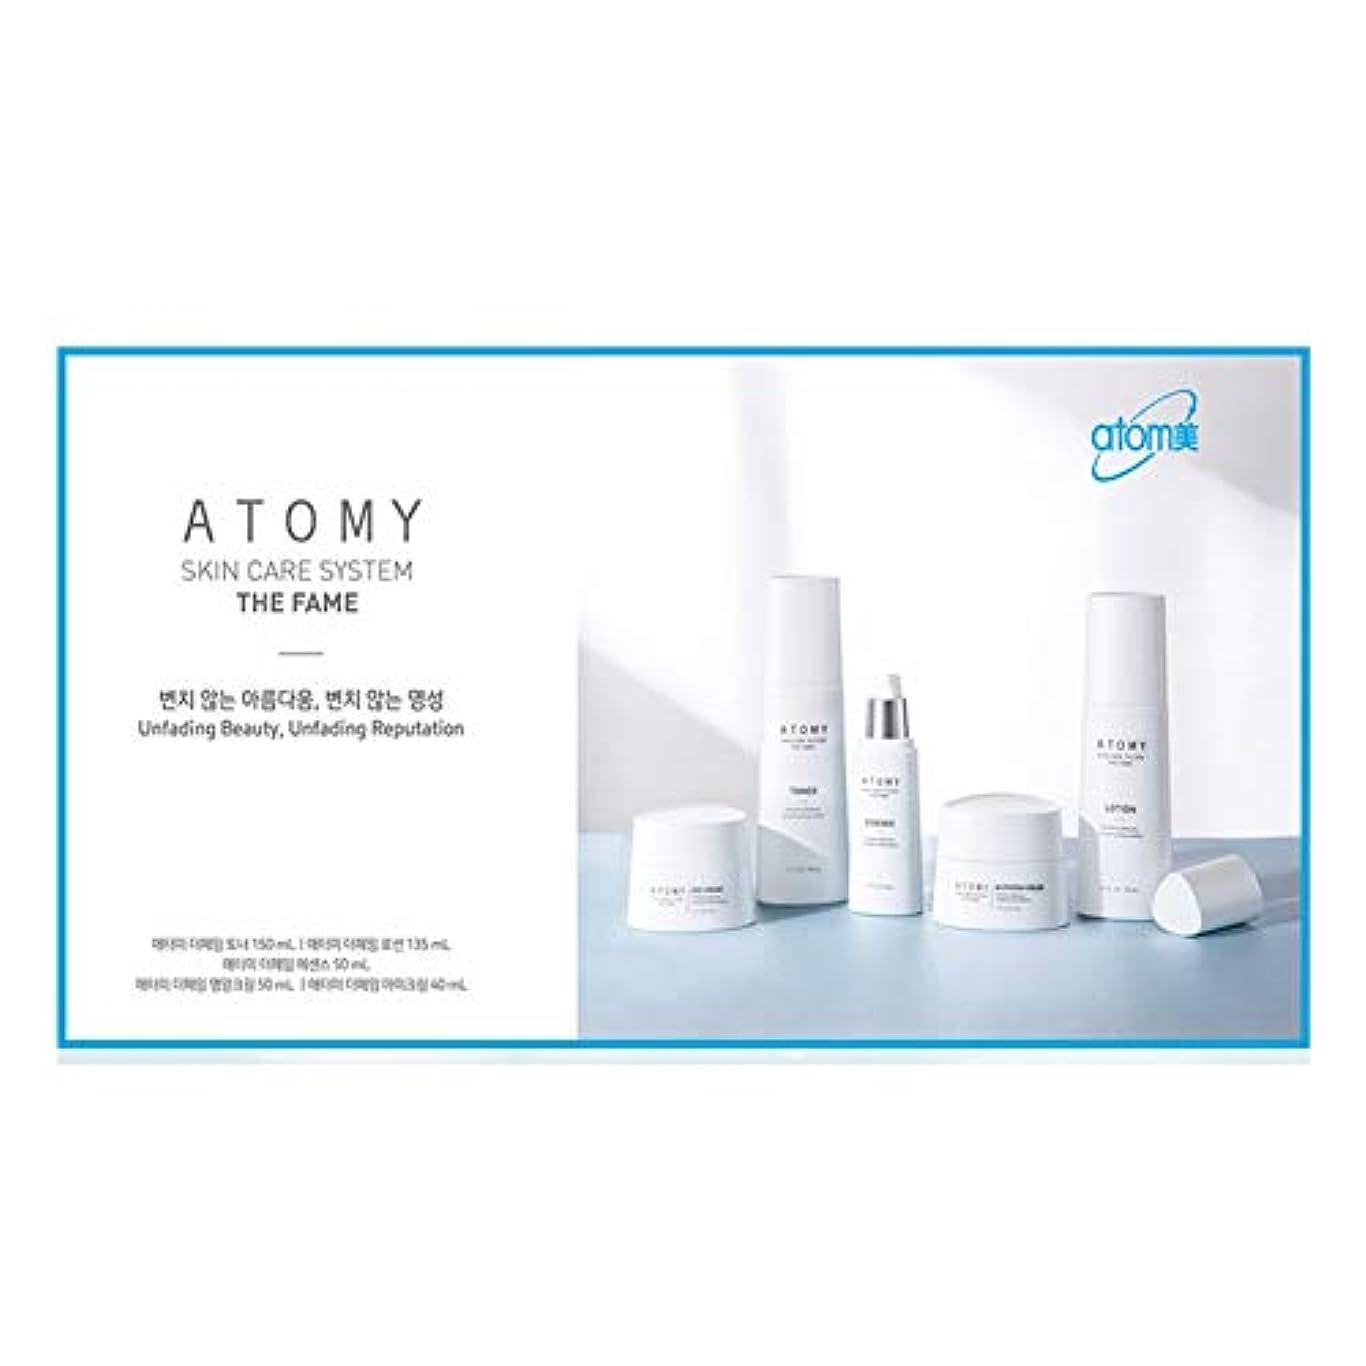 パキスタンモノグラフ安全なアトミザ?フェームエッセンス50ml韓国コスメ、Atomy The Fame Essence 50ml Korean Cosmetics [並行輸入品]